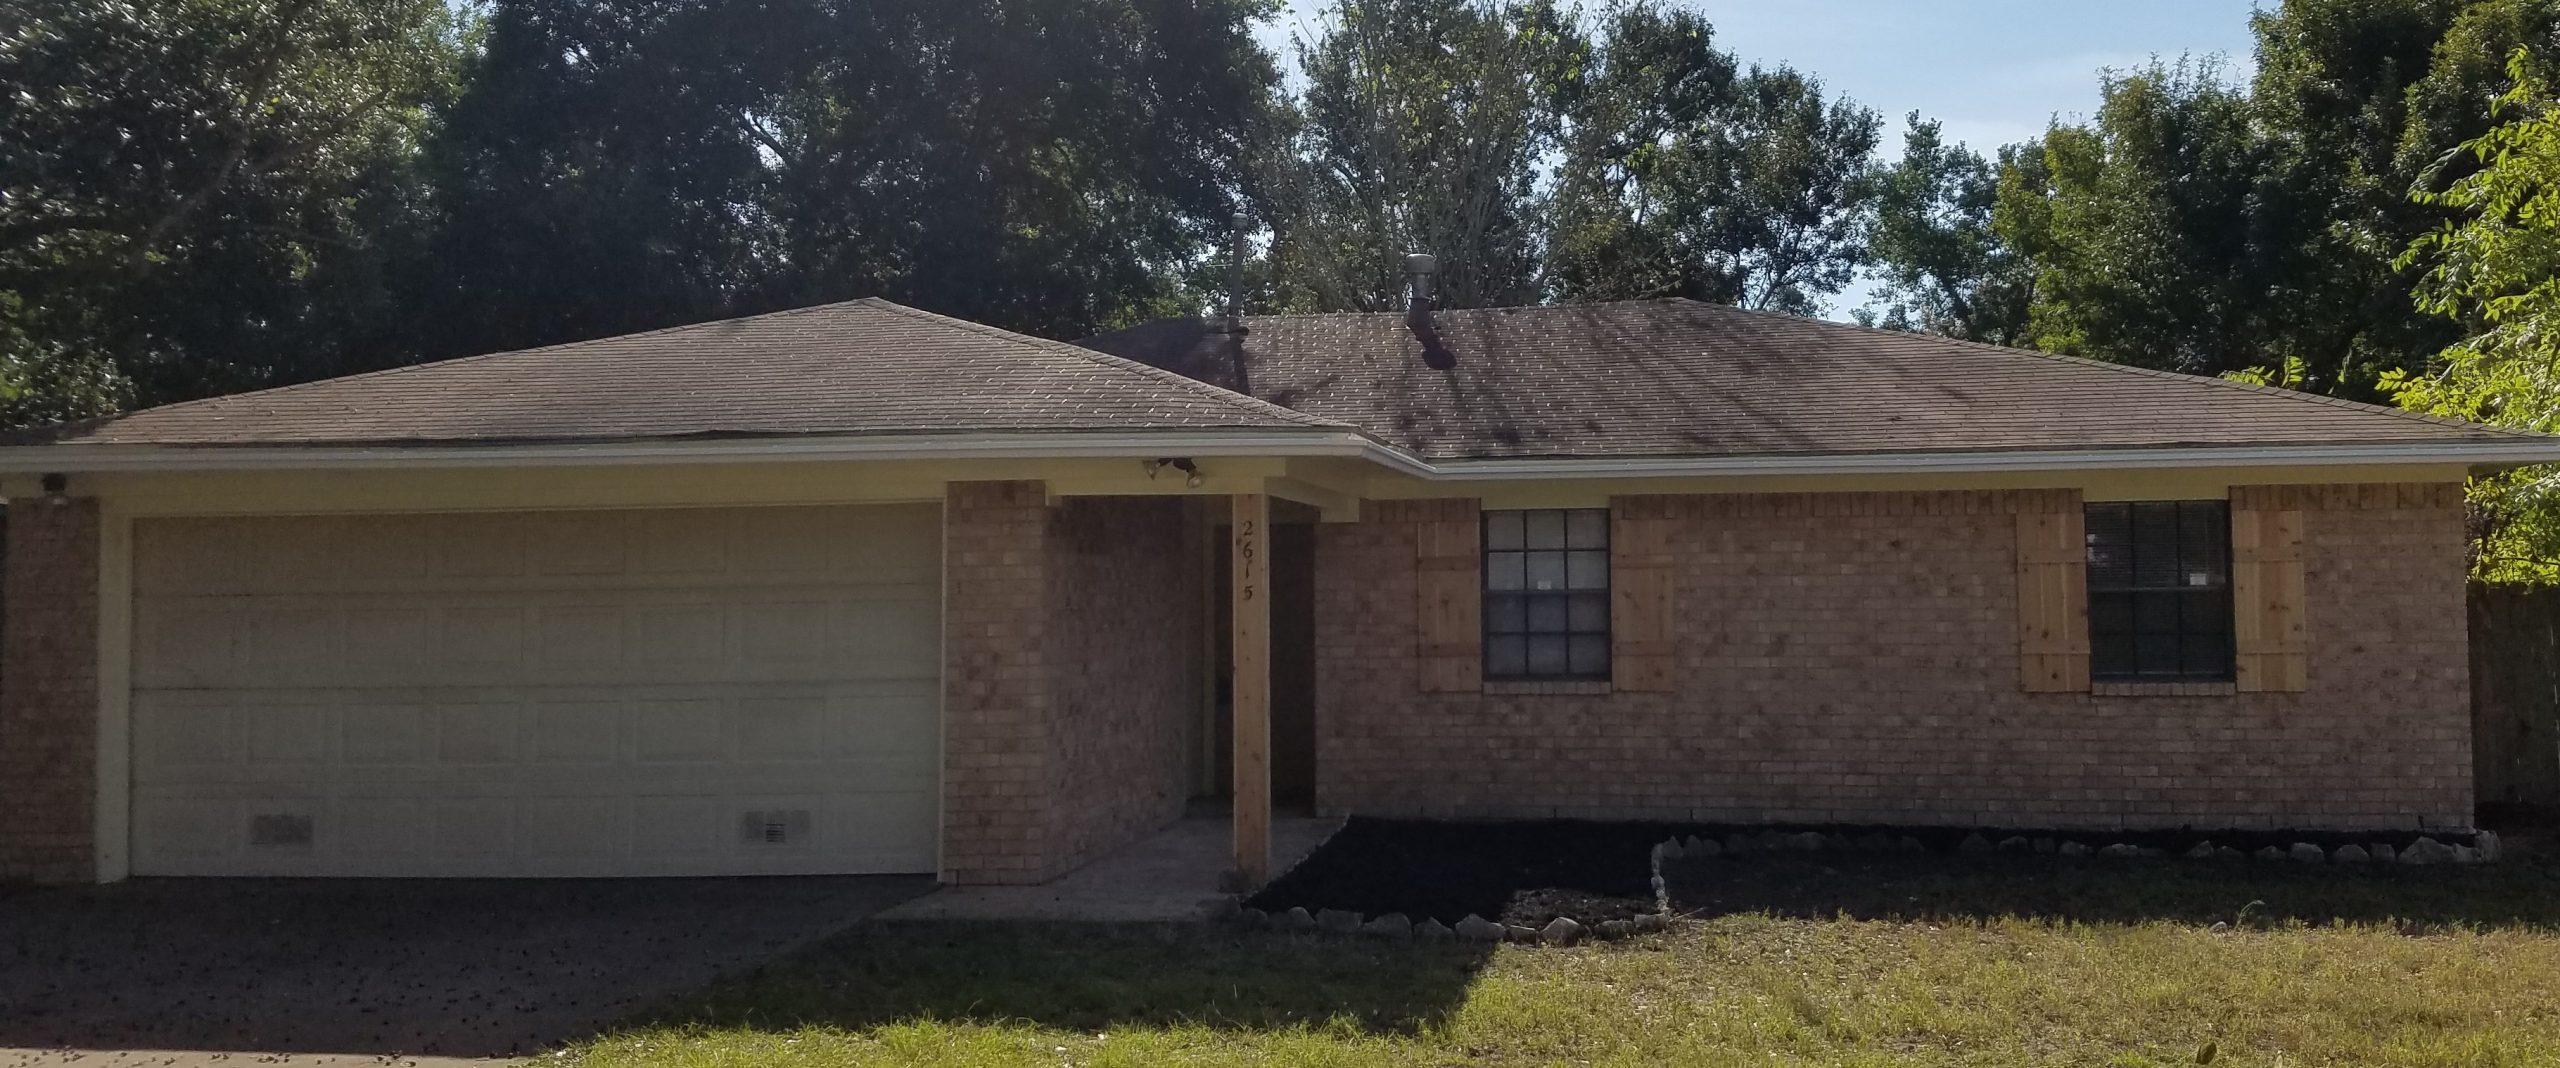 Real Estate Sales in Bryan, TX